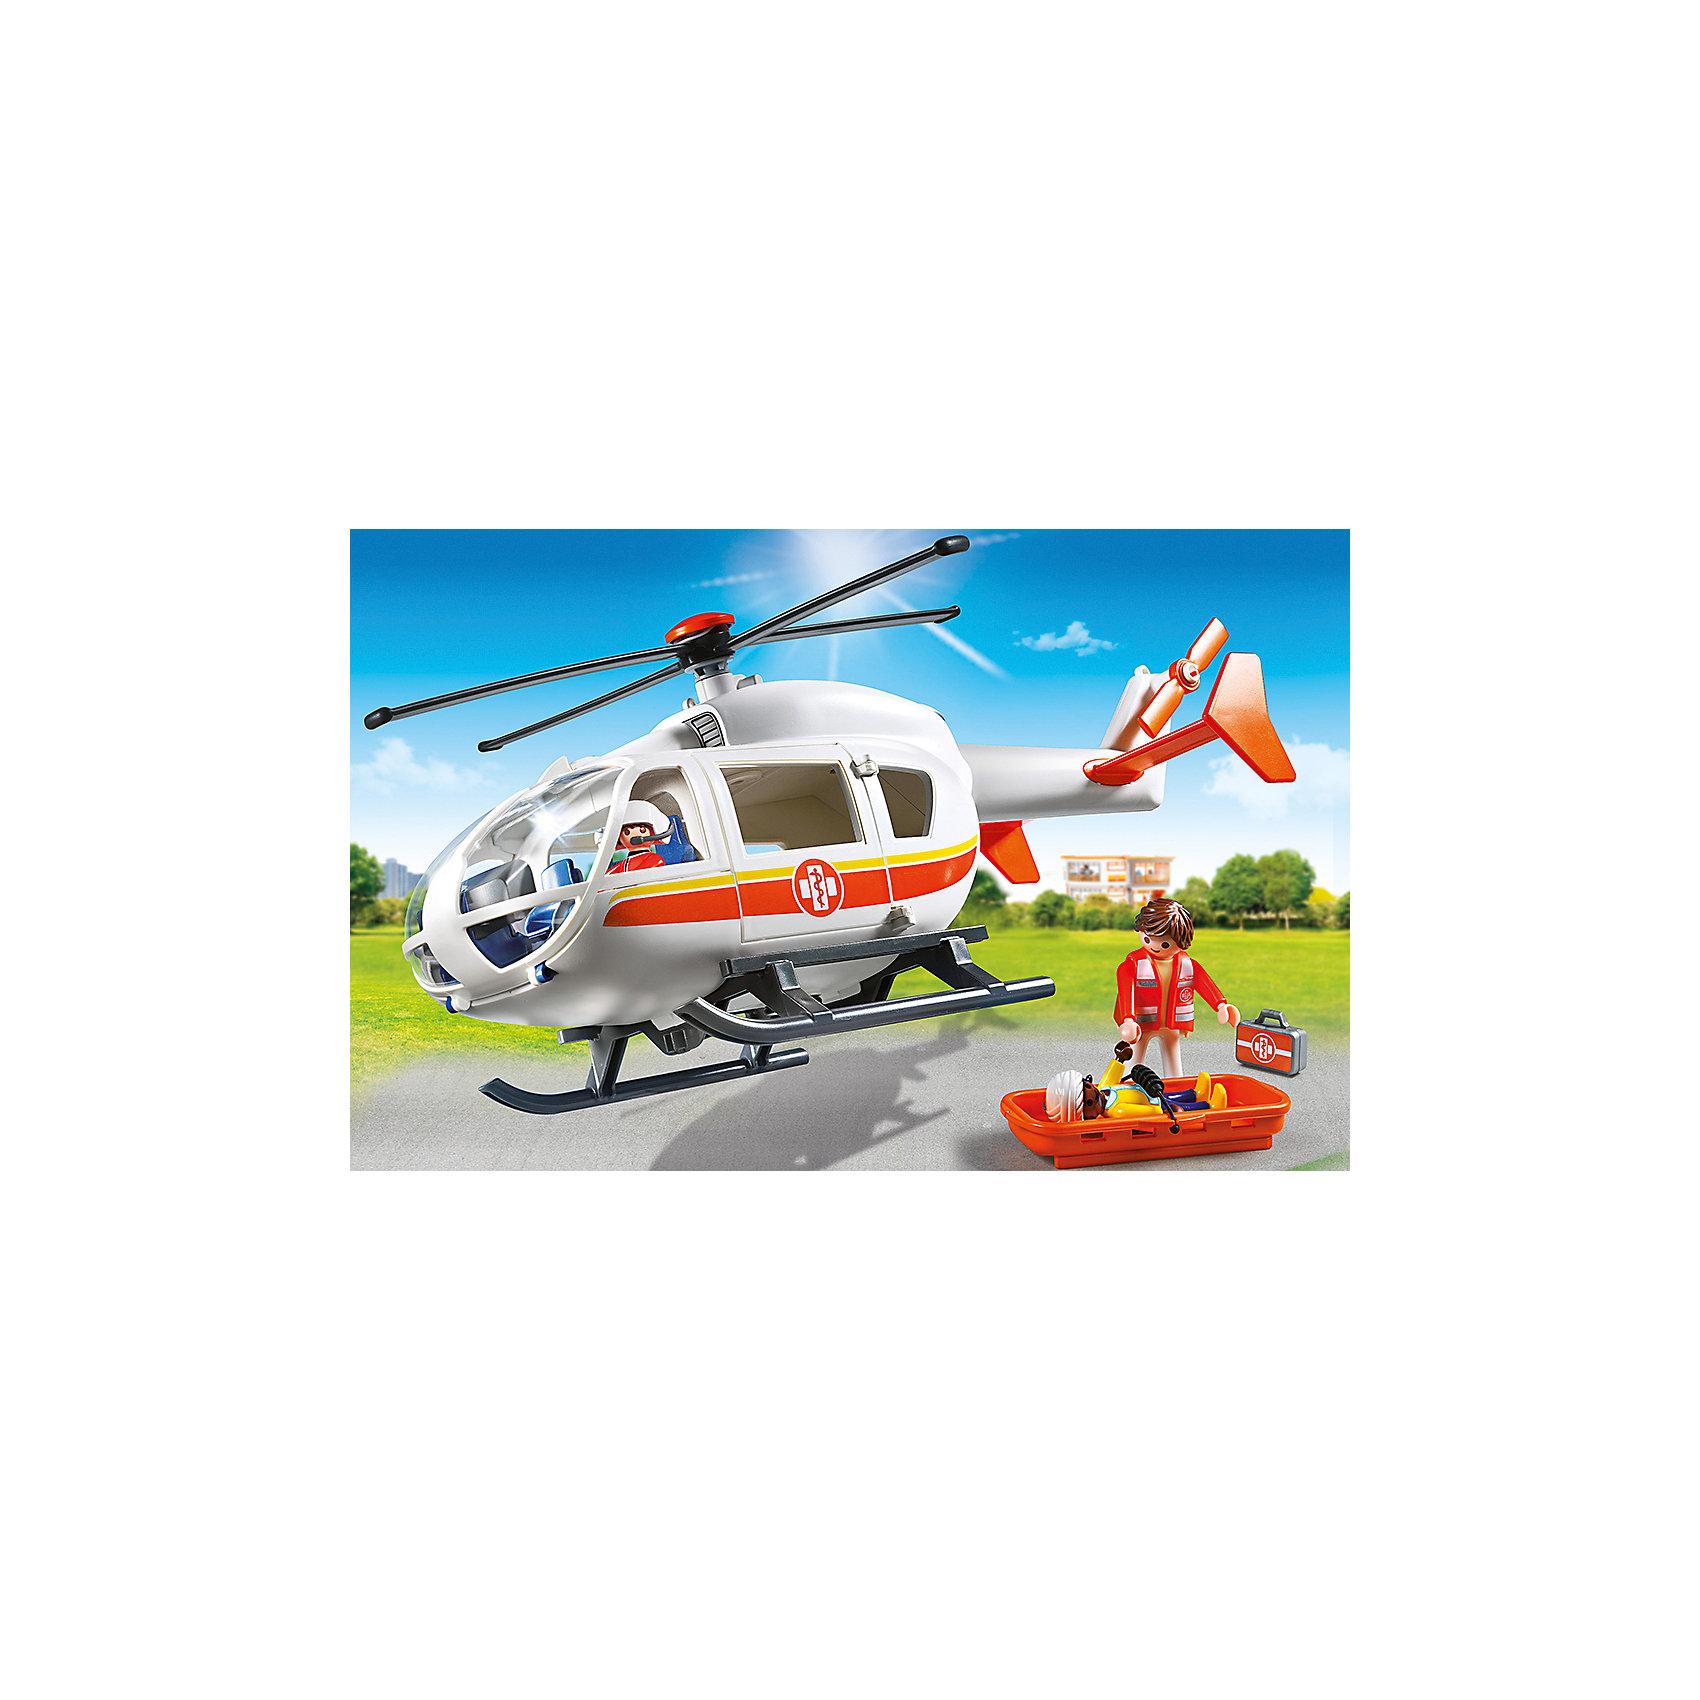 PLAYMOBIL® Детская клиника: Вертолет скорой помощи, PLAYMOBIL playmobil® зоопарк стая фламинго playmobil